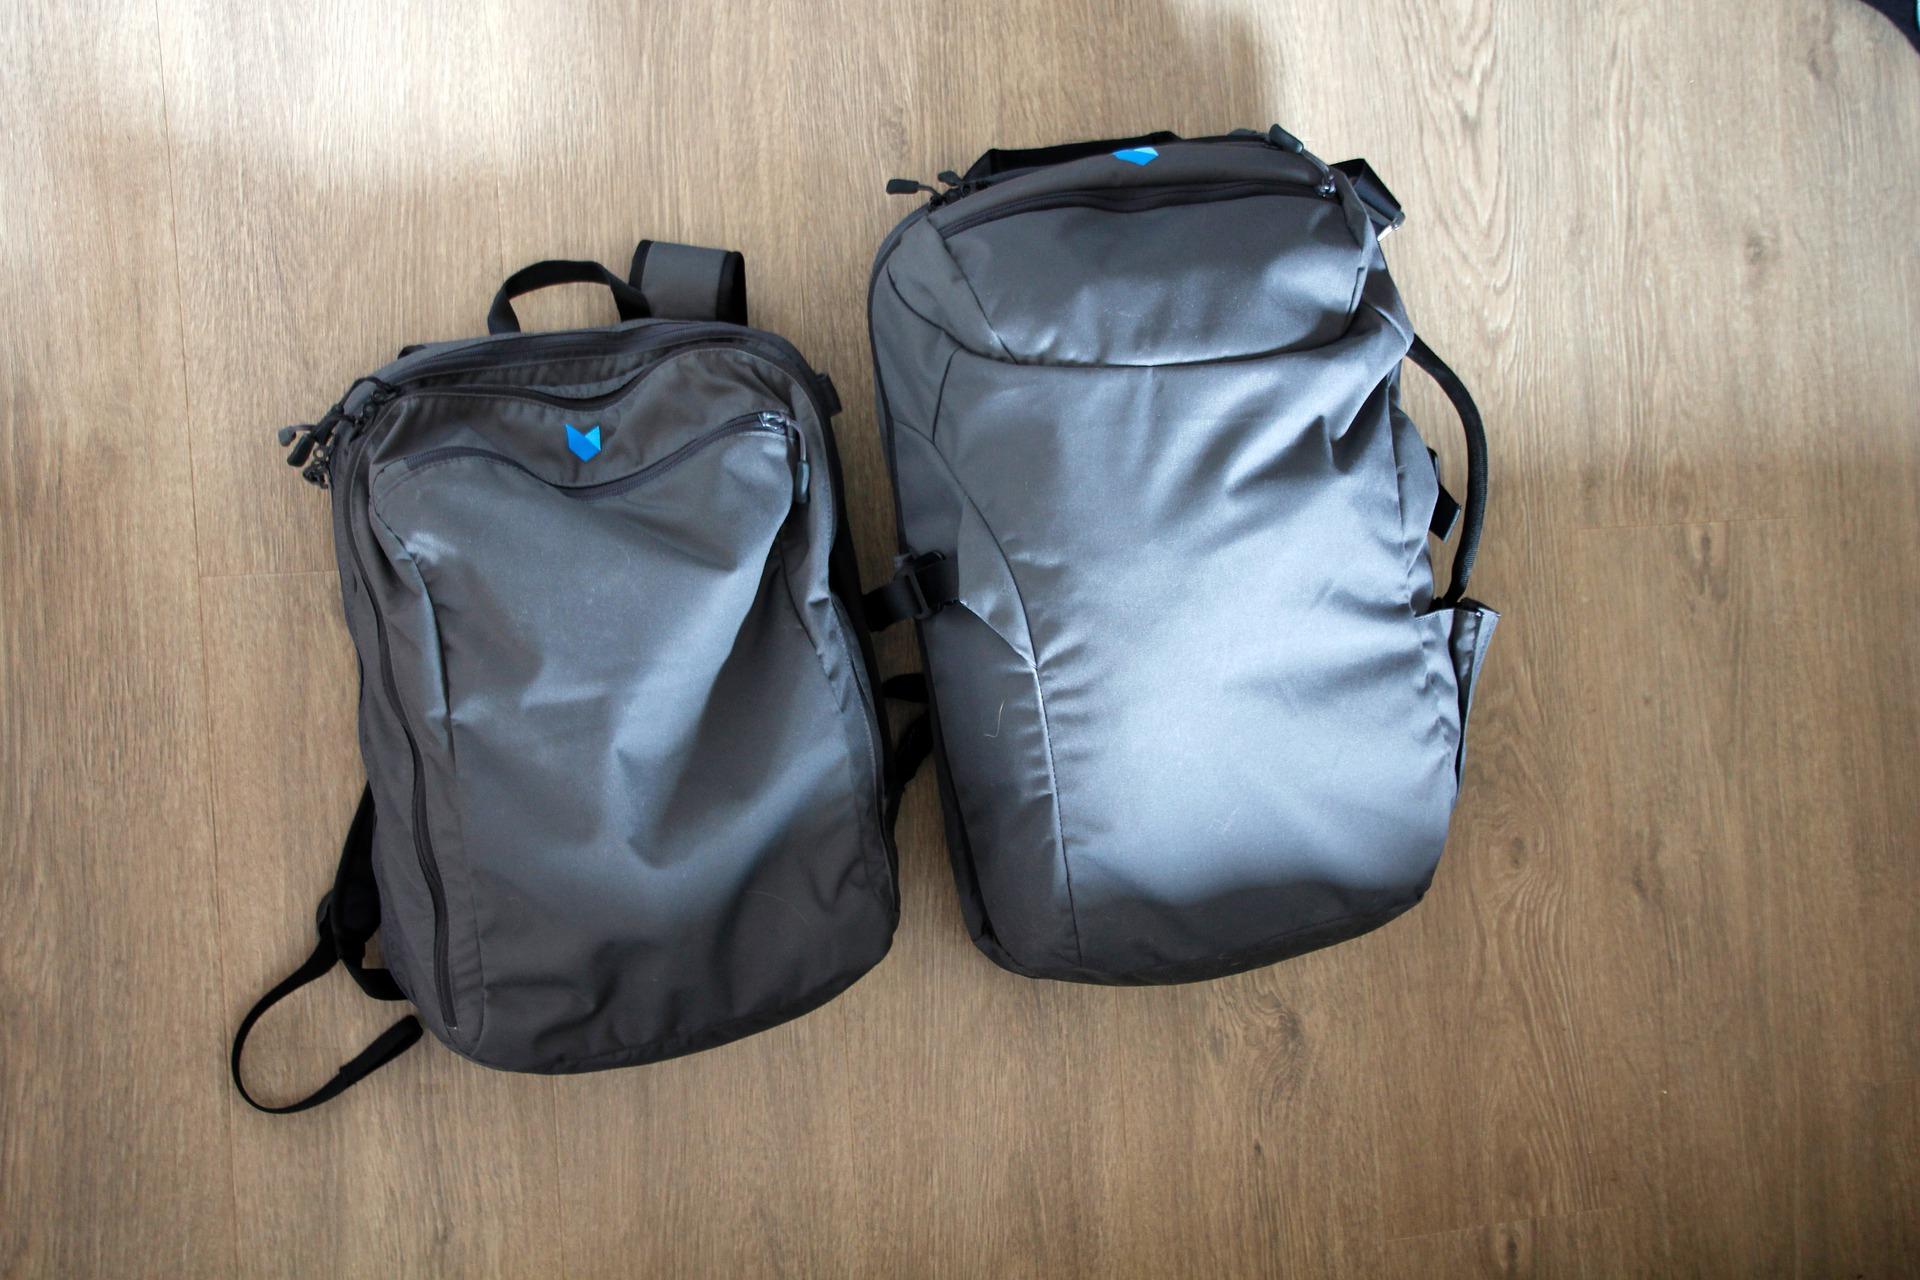 Der Rucksack ist das beliebteste Handgepäck für Flugreisende.